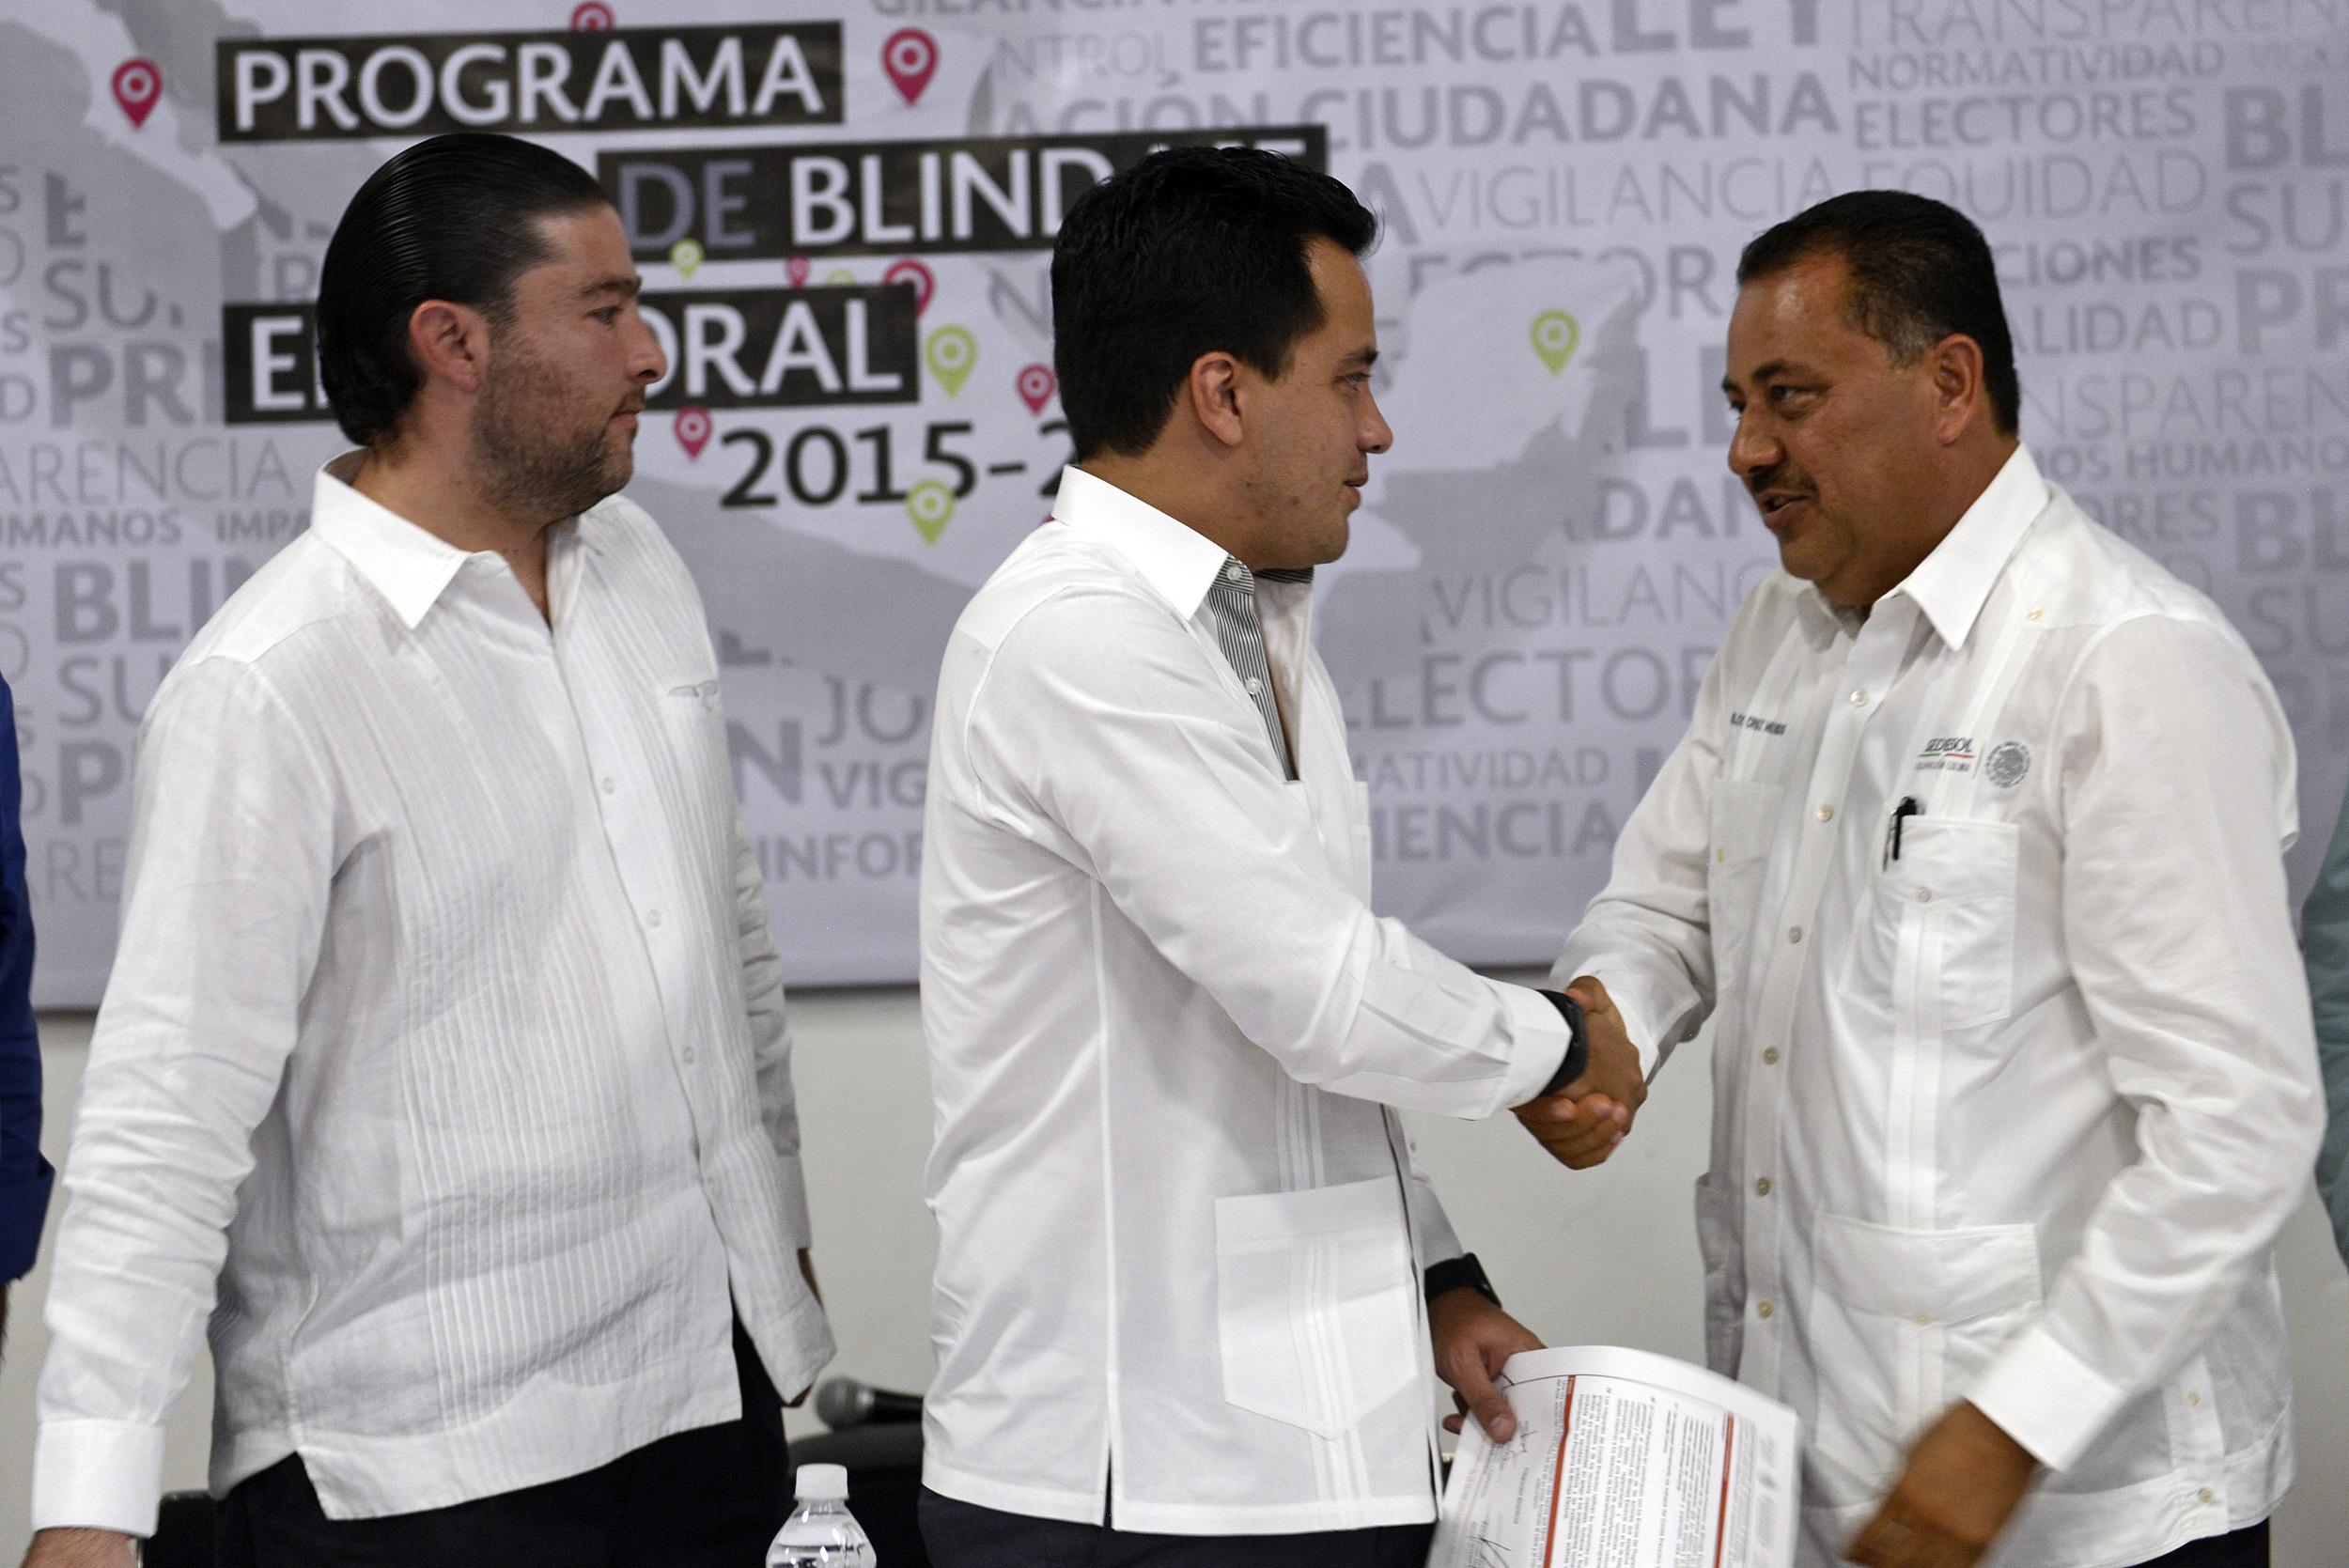 Instalación del Comité Preventivo de Blindaje Electoral para el Estado de Colima